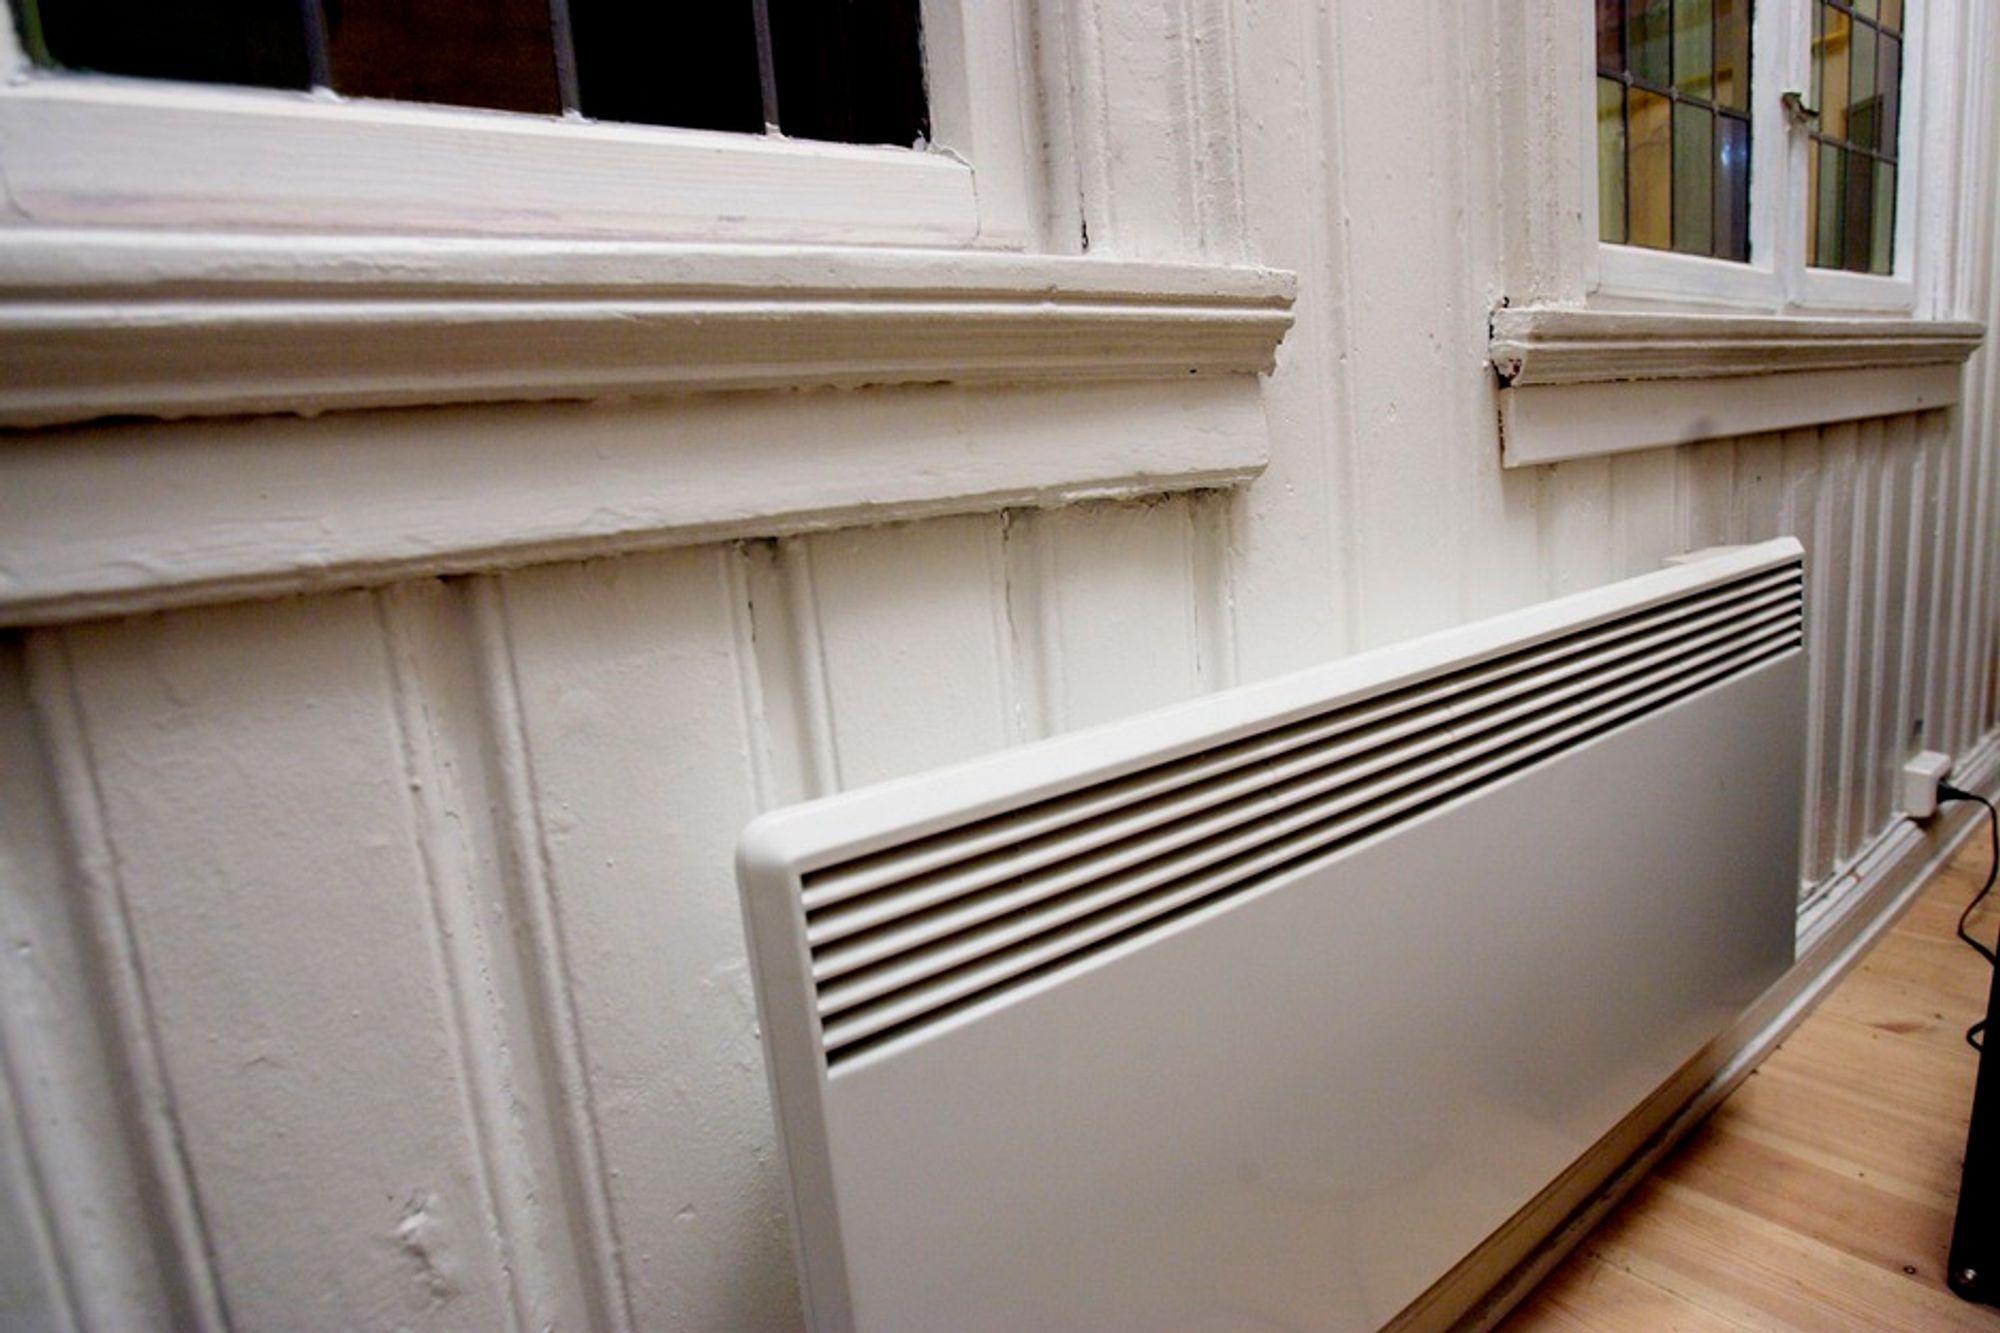 Norske bygg har Europas strengeste energikrav, viser rapport.